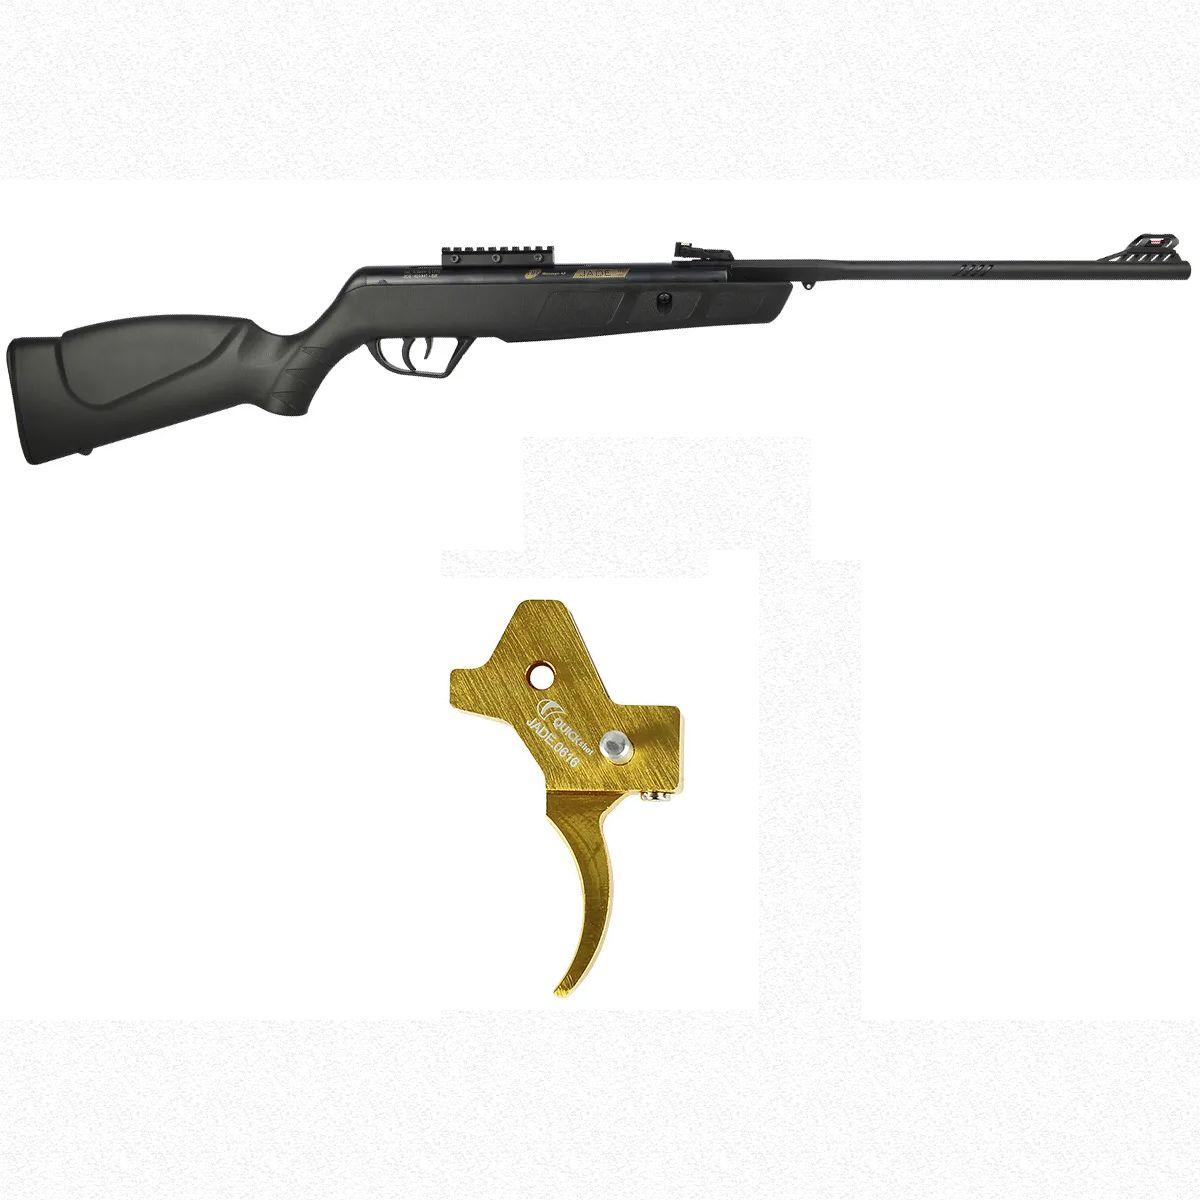 Carabina de Pressão CBC Jade Mais Preta 4.5mm + Gatilho Ajustável Dourado